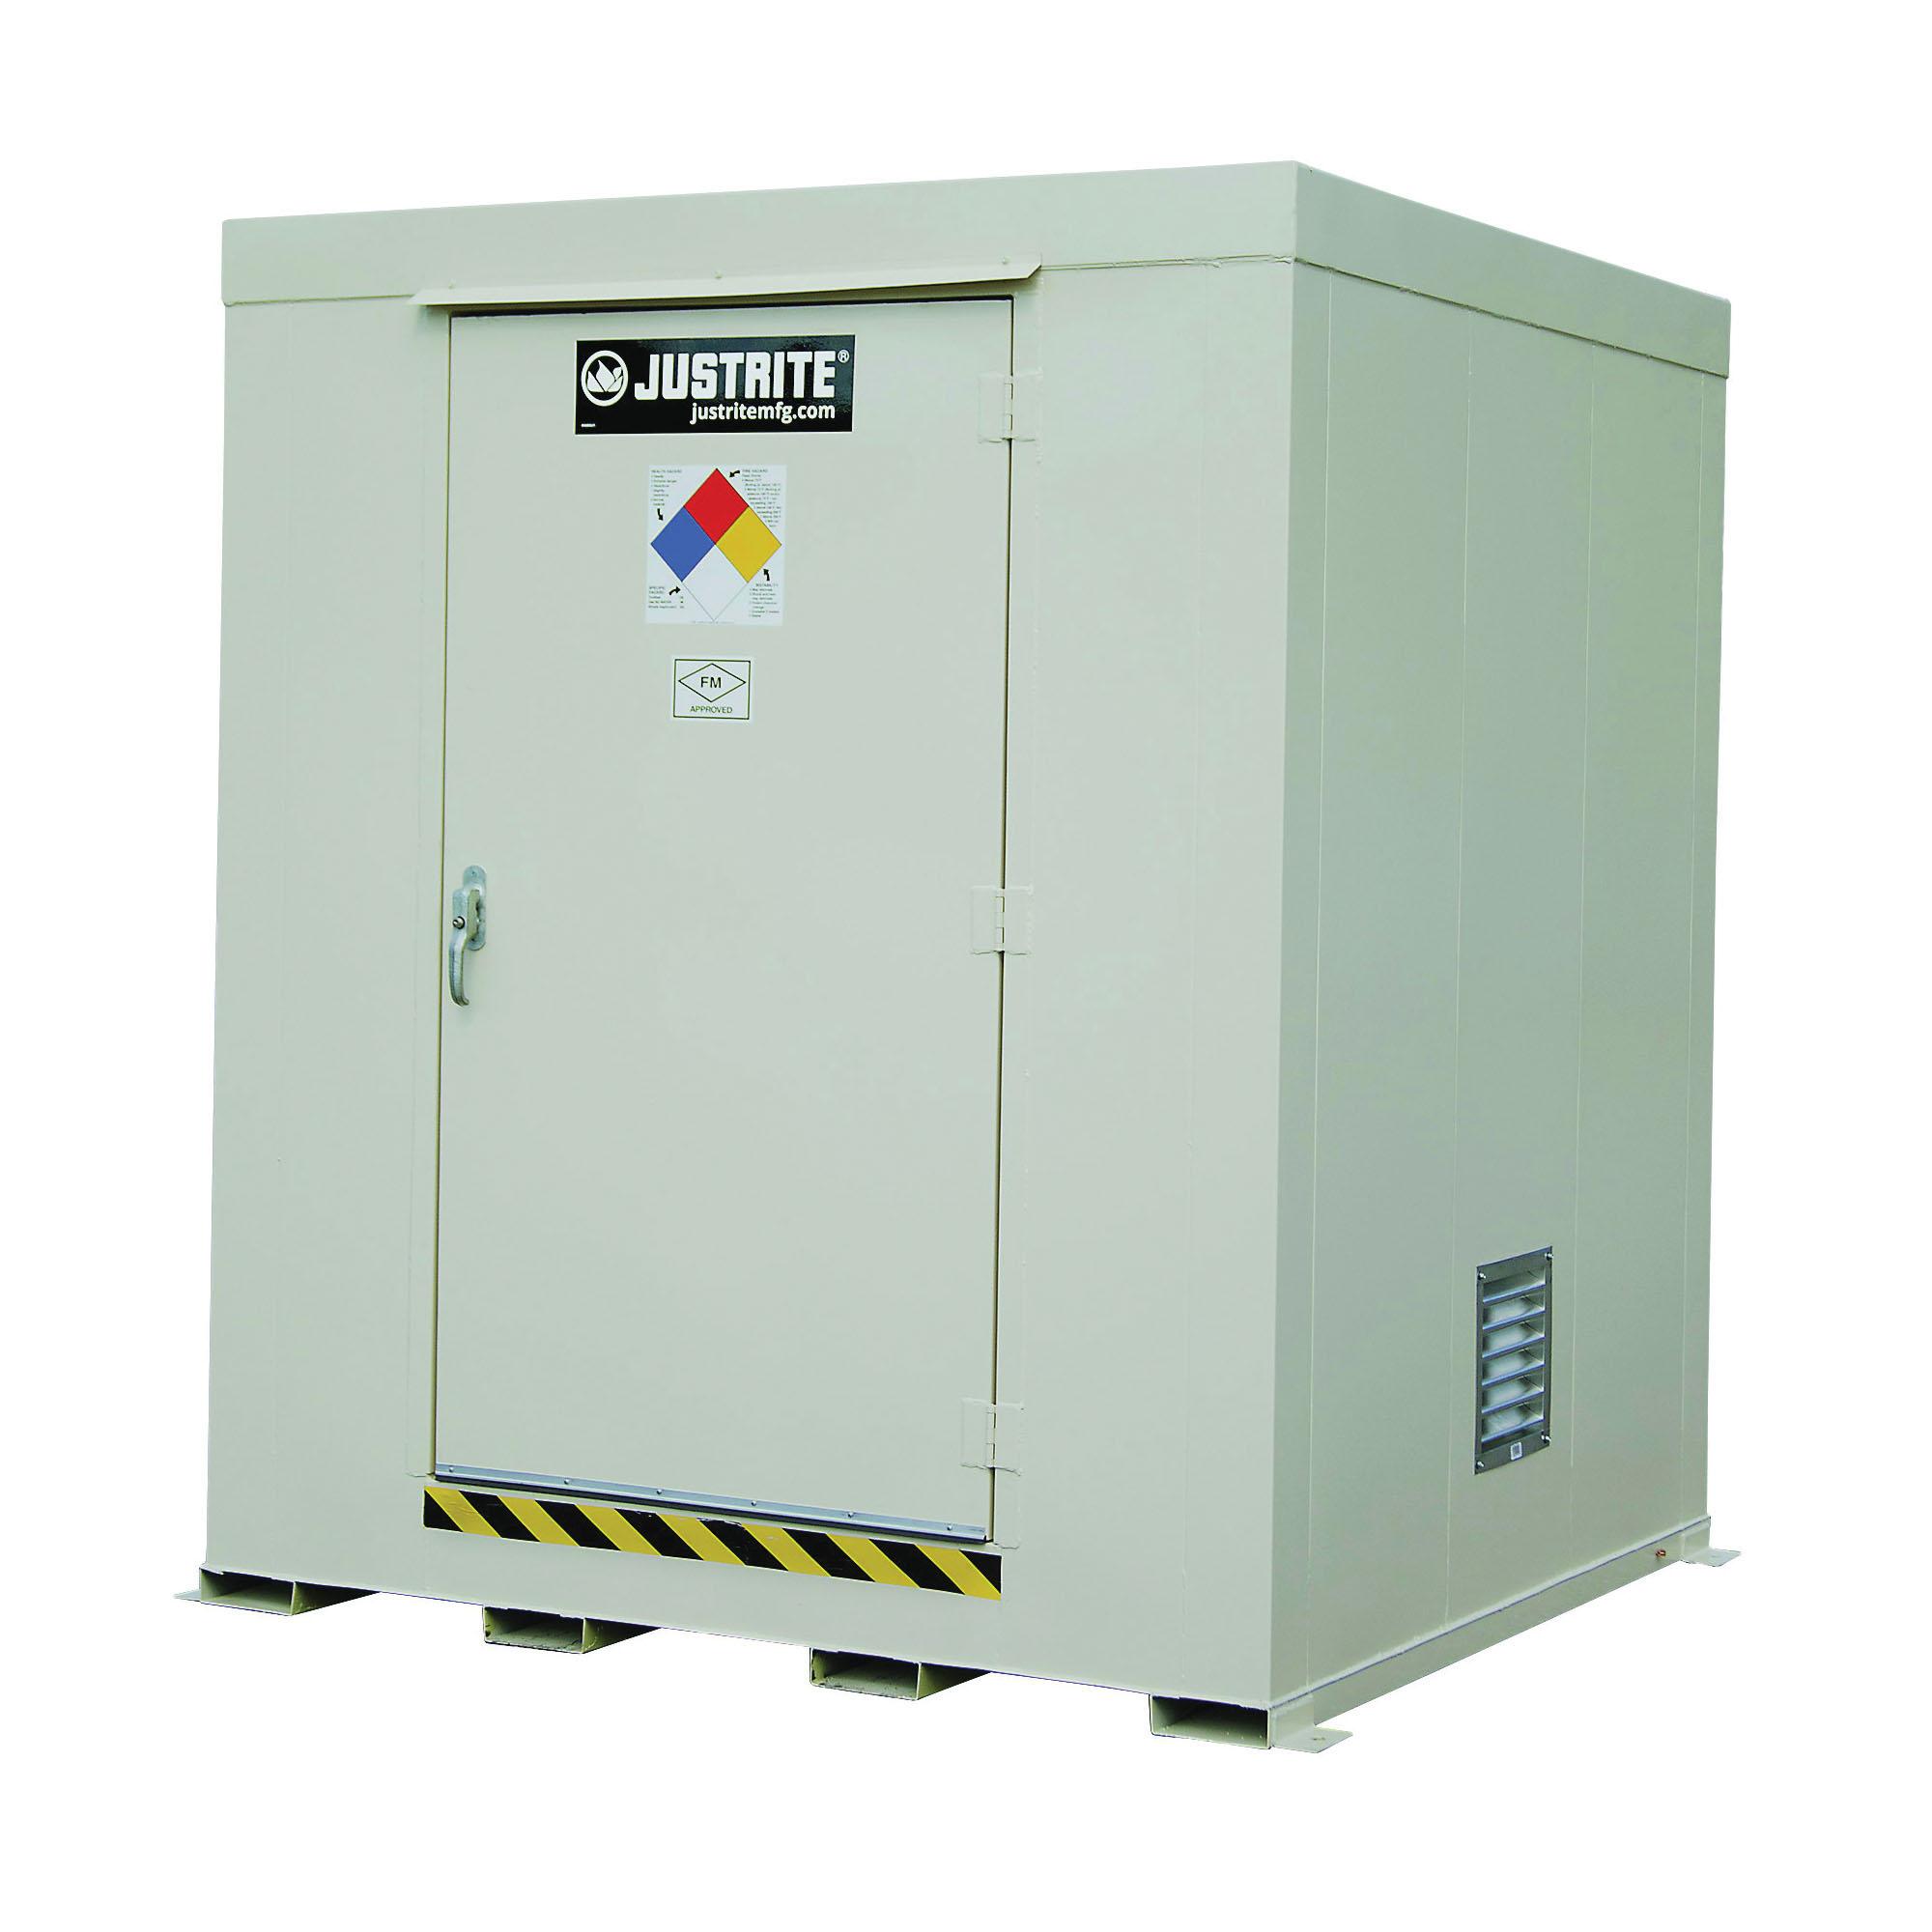 Justrite® 911091 Non-Combustible Outdoor Safety Locker, 97 in H x 84 in W x 84 in D, Standard Door, 1 Doors, Heavy Gauge Steel, Bone